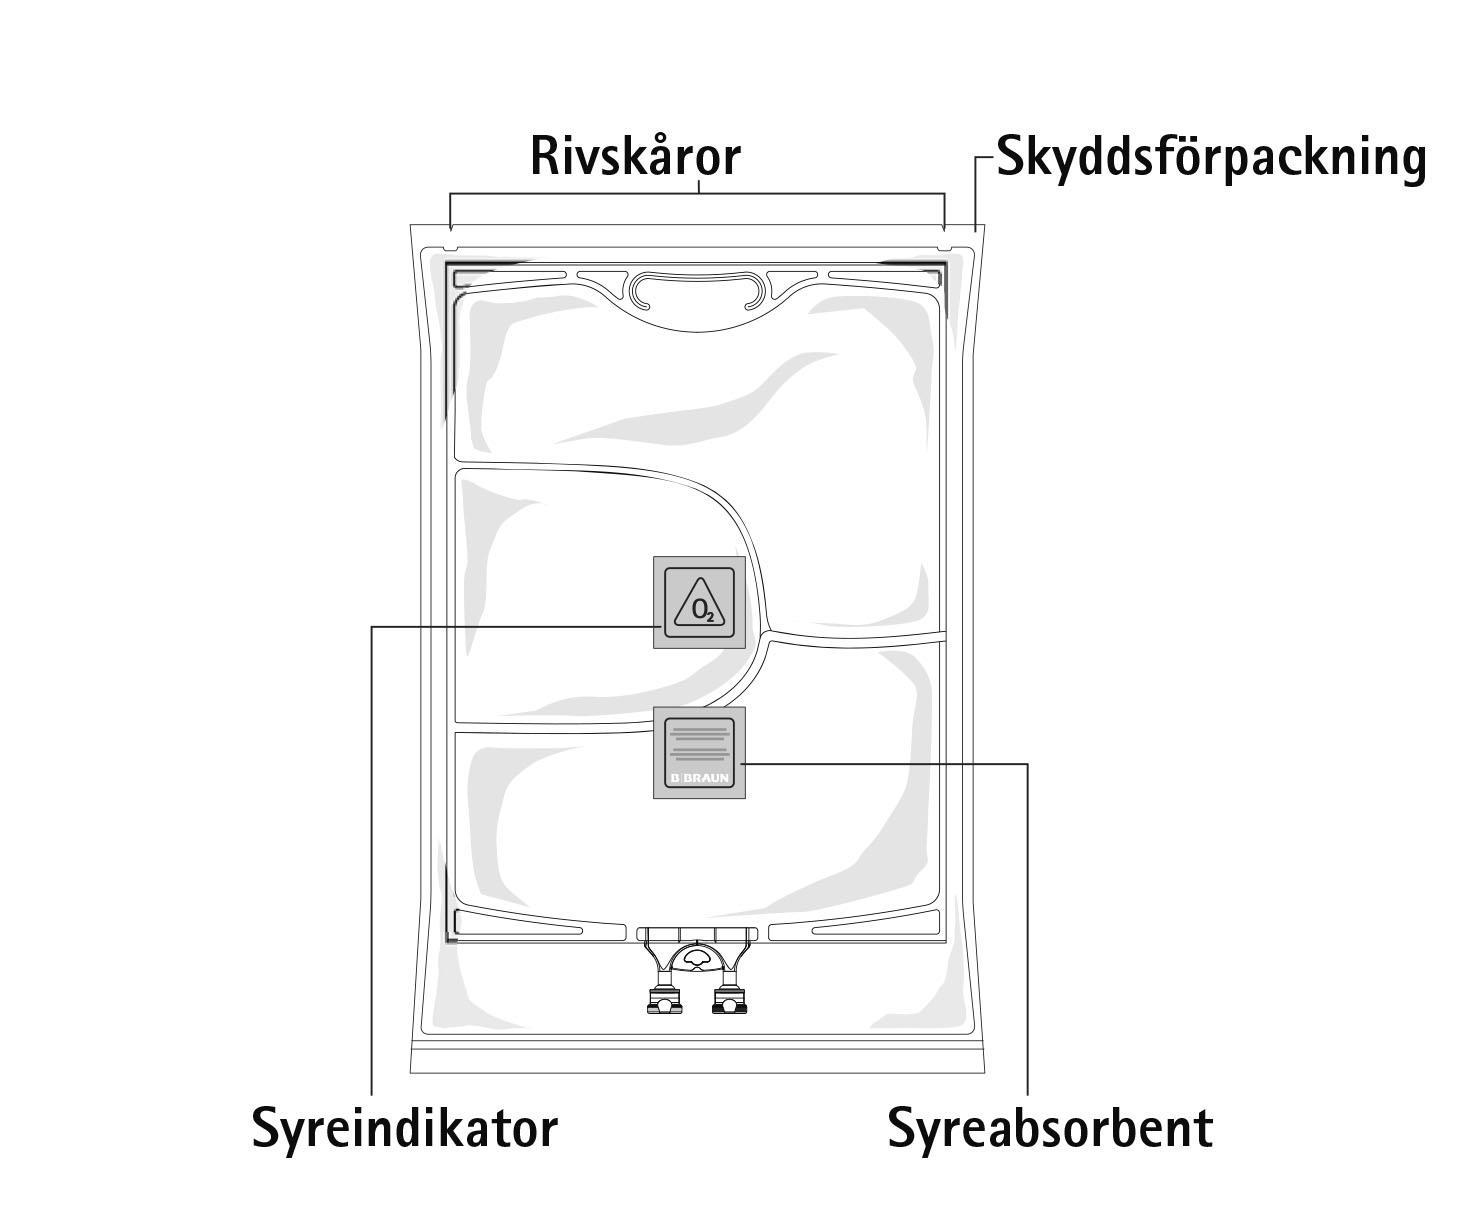 Bilden visar hur flerkammarpåsen är förpackad i en skyddsförpackning